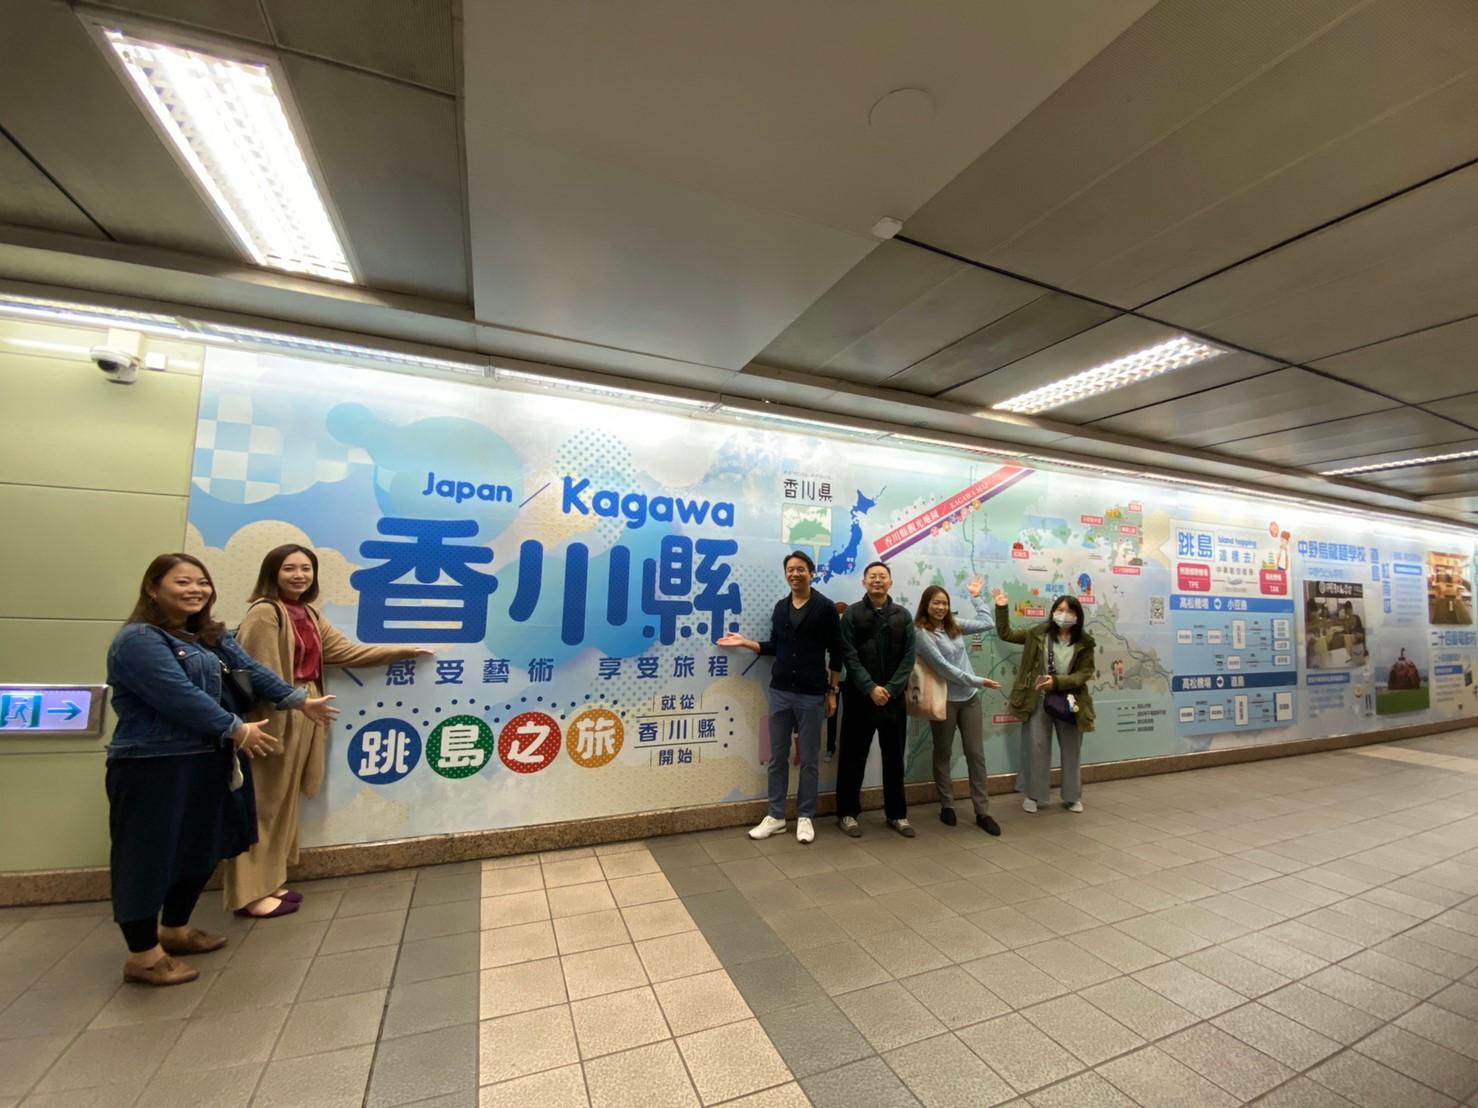 台北MRT中山駅改札前巨大広告 前半